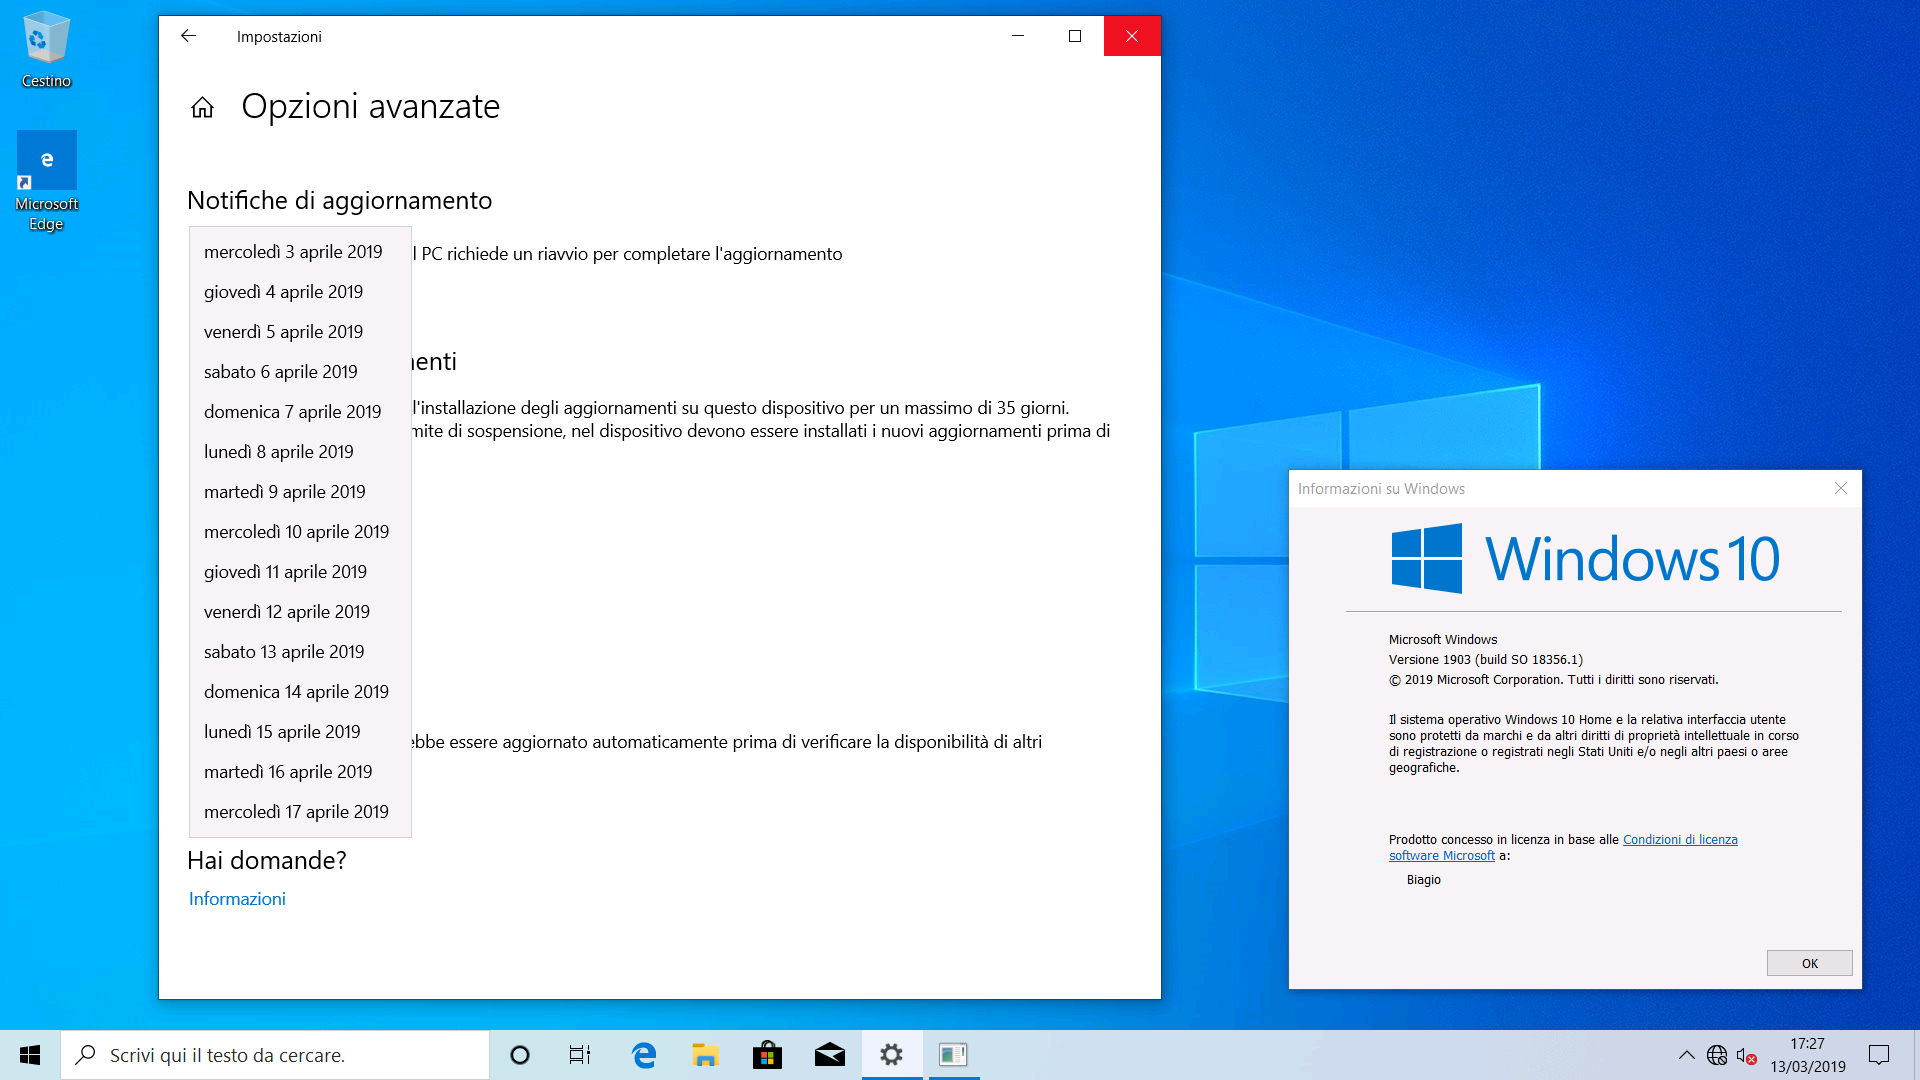 Windows 10 Home 19H1 pausa aggiornamenti 35 giorni WBI